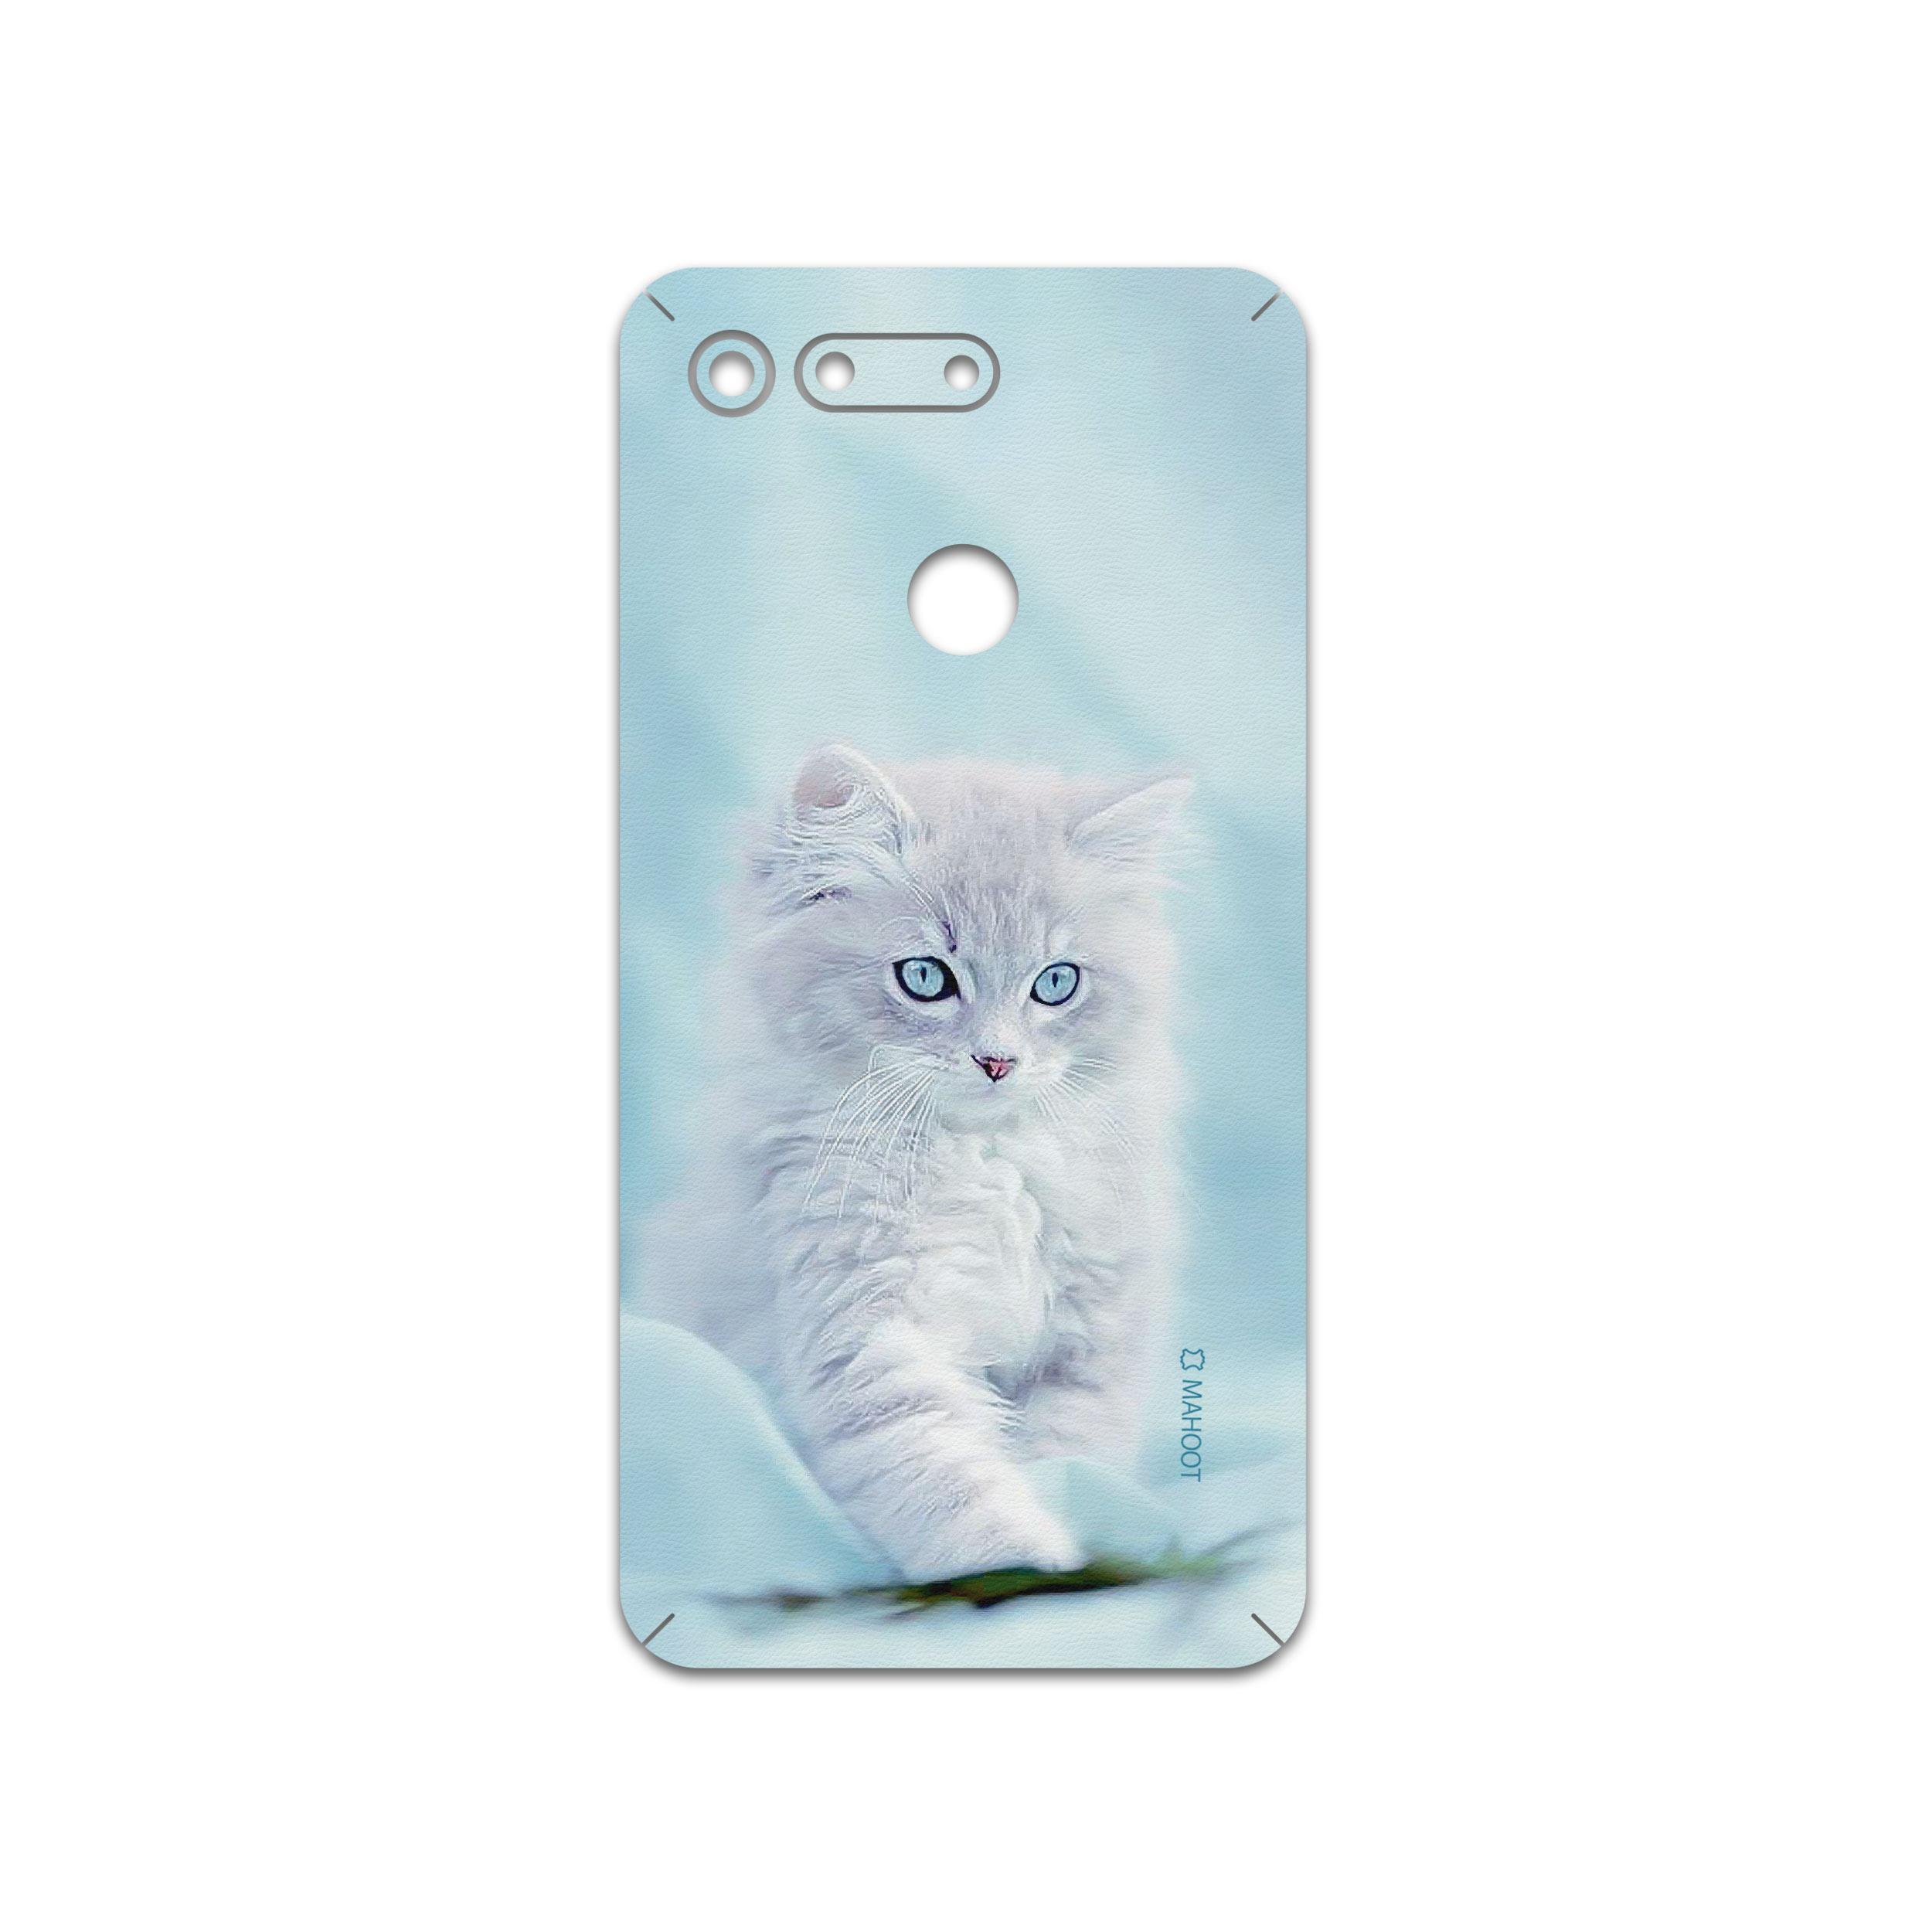 برچسب پوششی ماهوت مدل Cat-1 مناسب برای گوشی موبایل آنر View 20